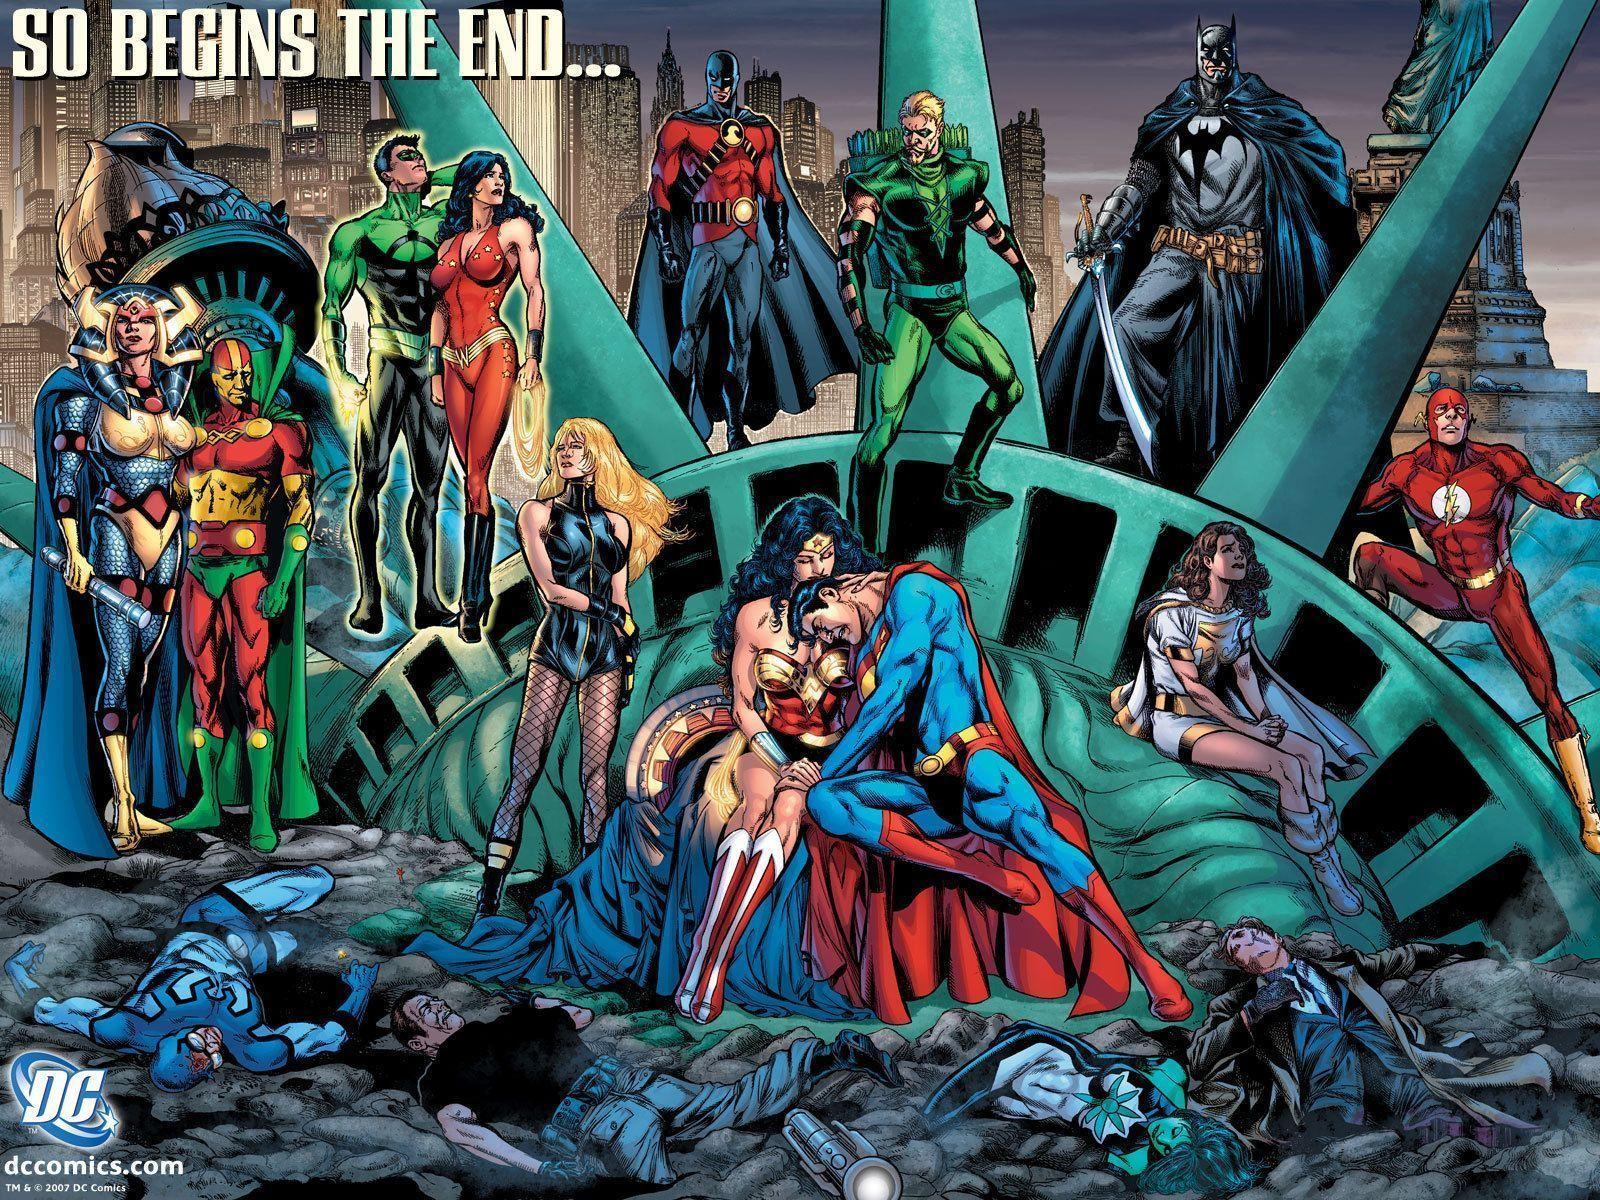 So Begins The End Dc Comics Wallpaper 4206733 Fanpop Dc Comics Wallpaper Dc Comics Superheroes Comics